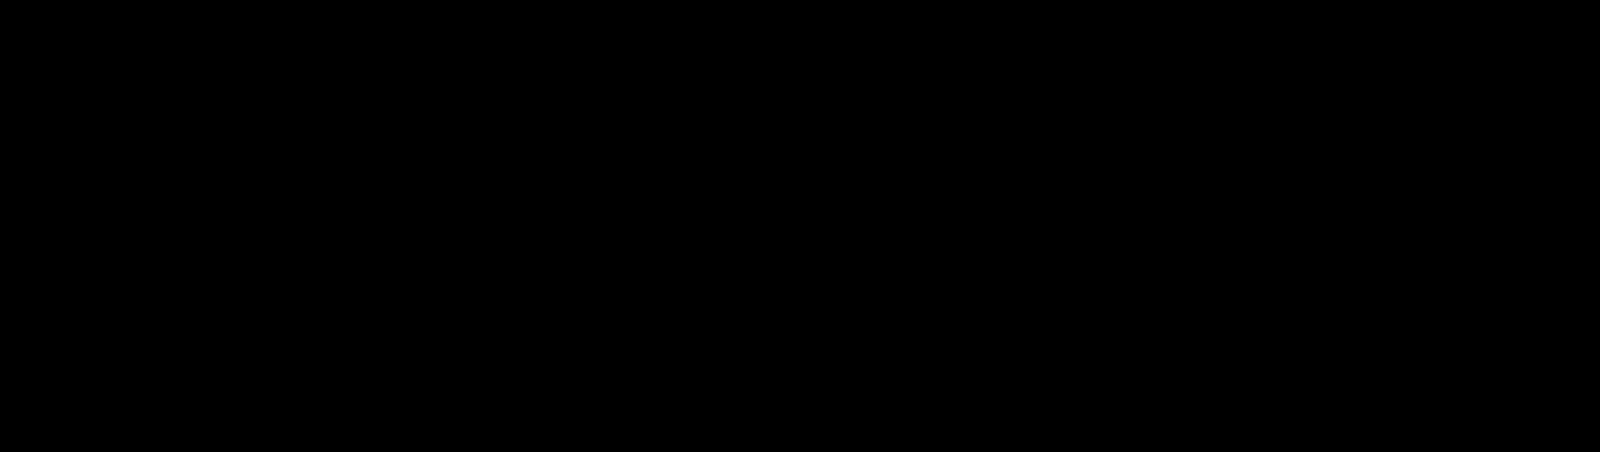 YUNO COLLABORATION